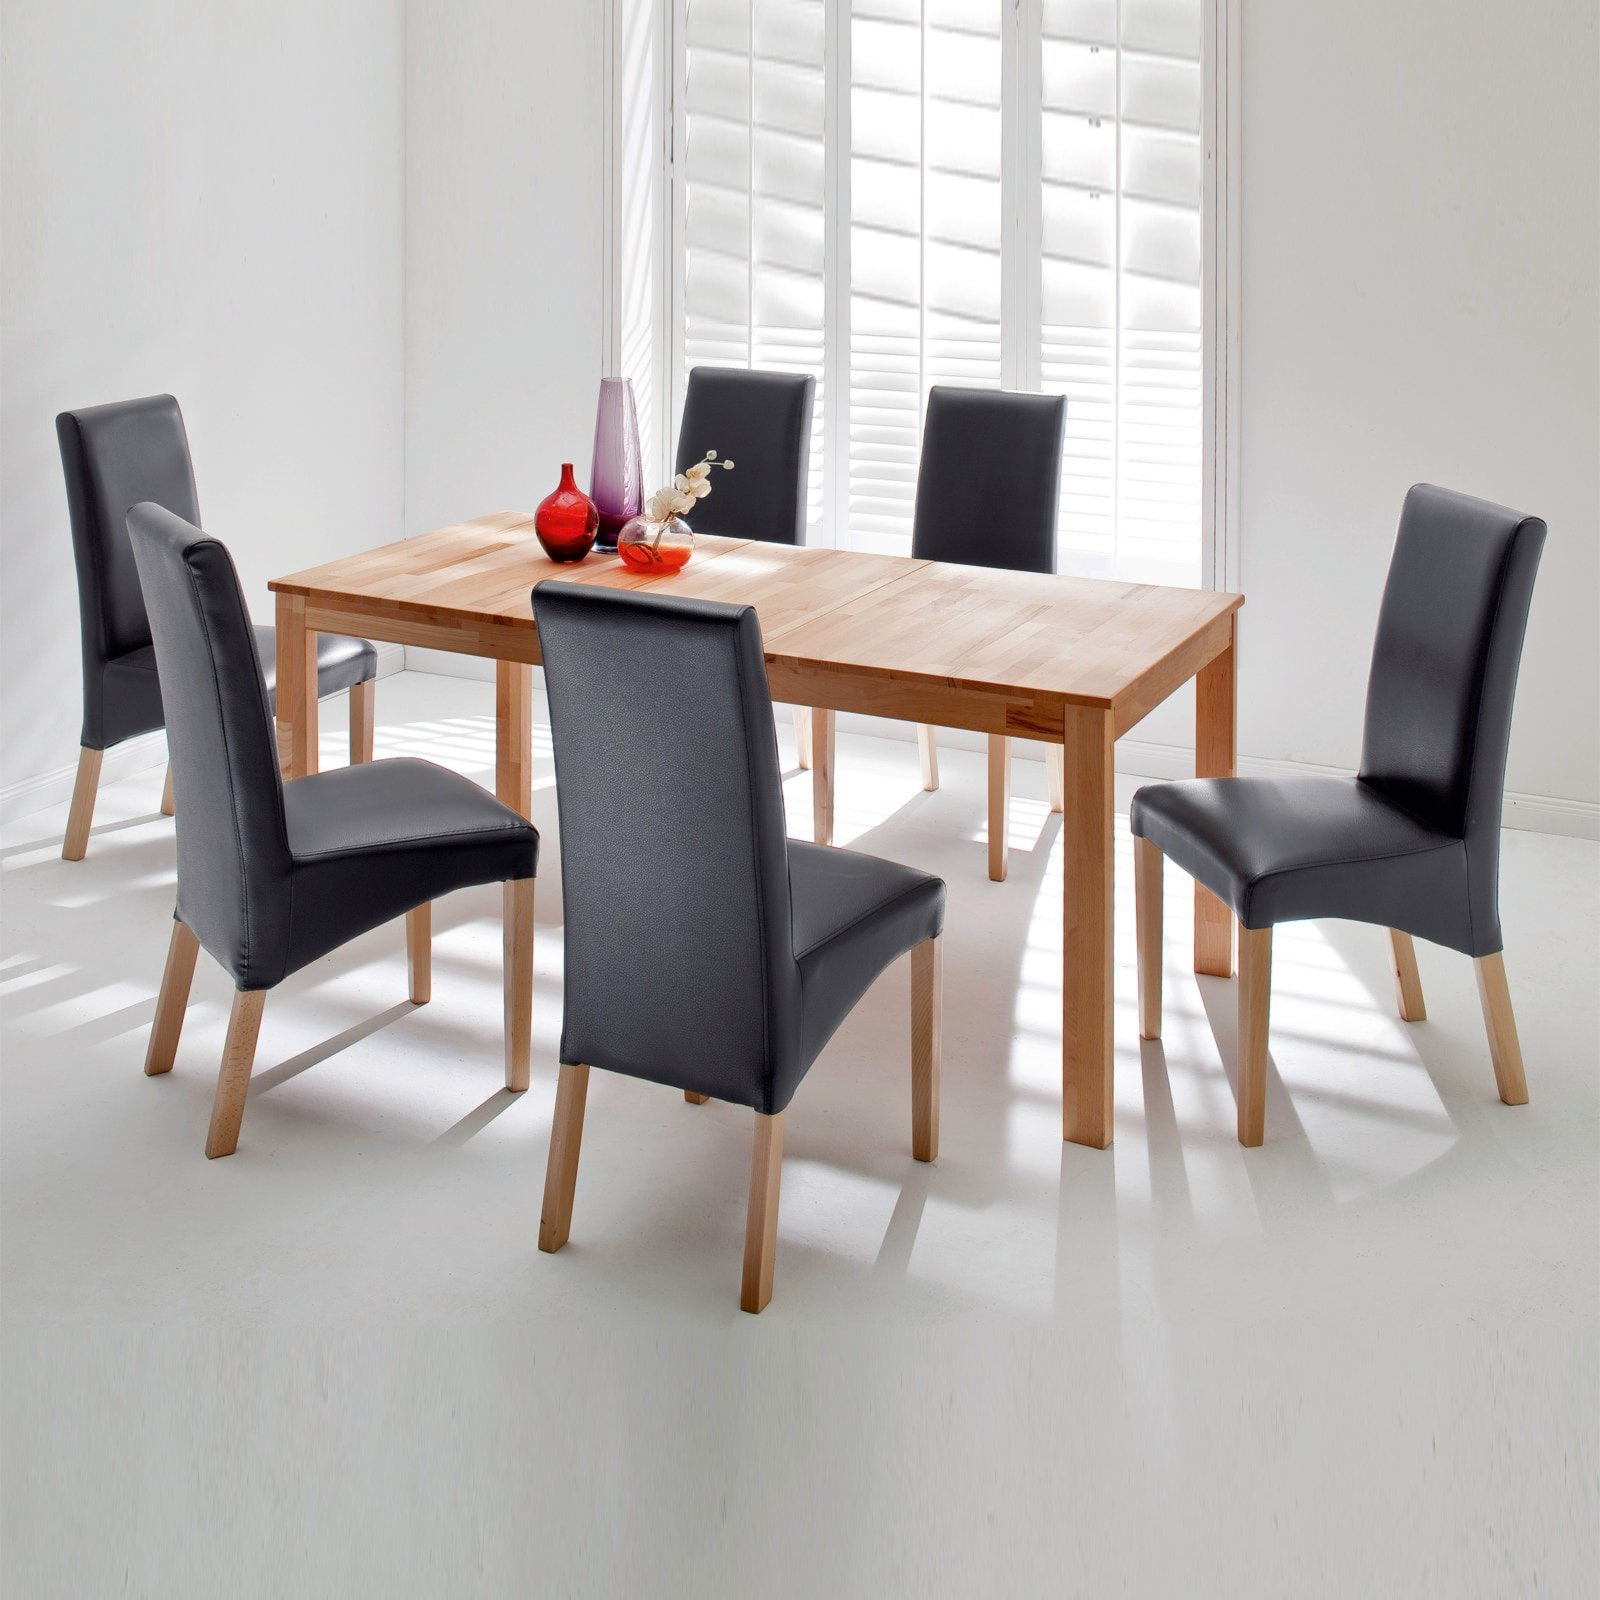 tisch fabian kernbuche massiv ausziehbar ebay. Black Bedroom Furniture Sets. Home Design Ideas